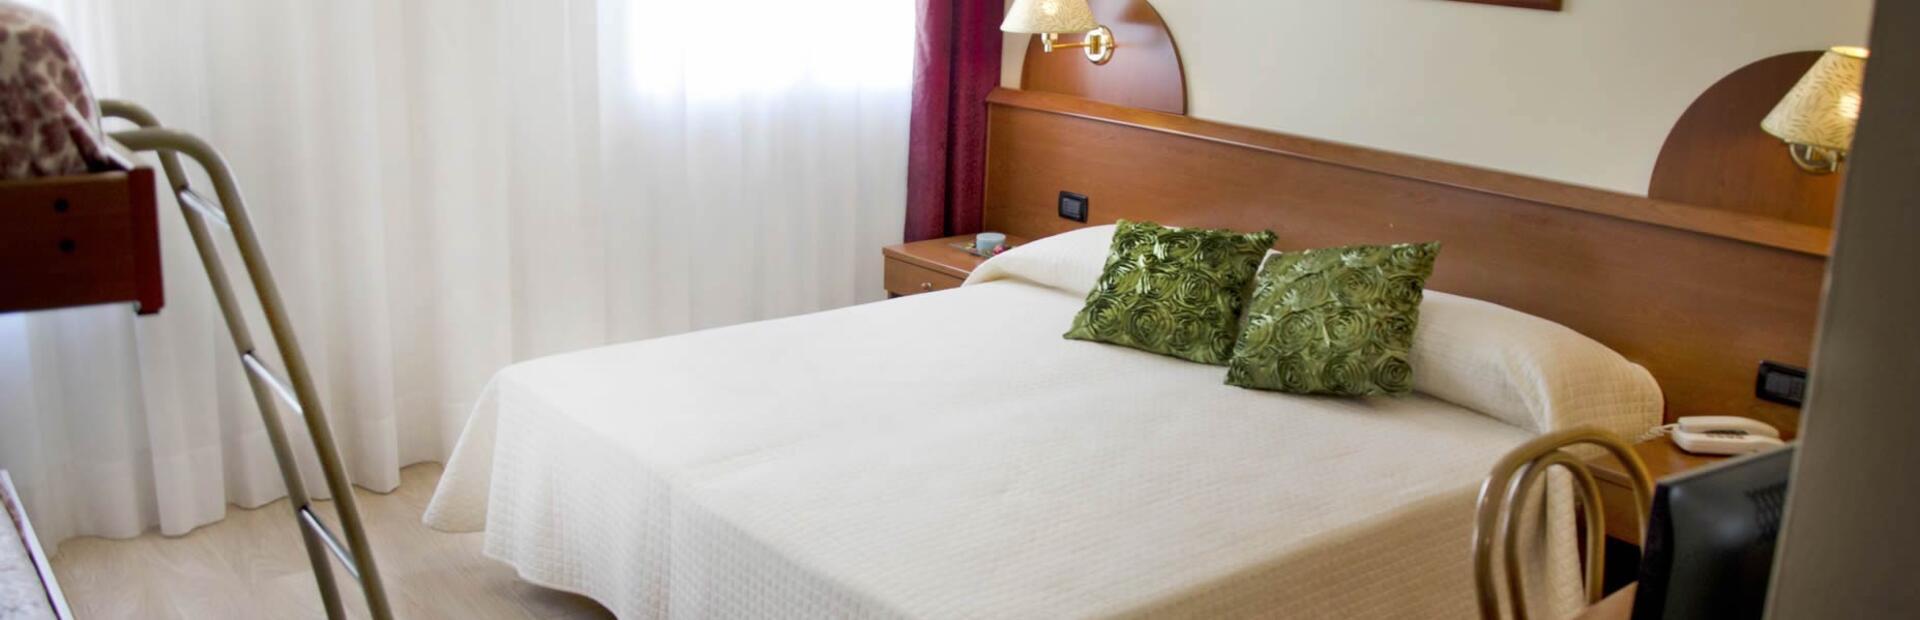 hotel-sole en quadruple-room 001